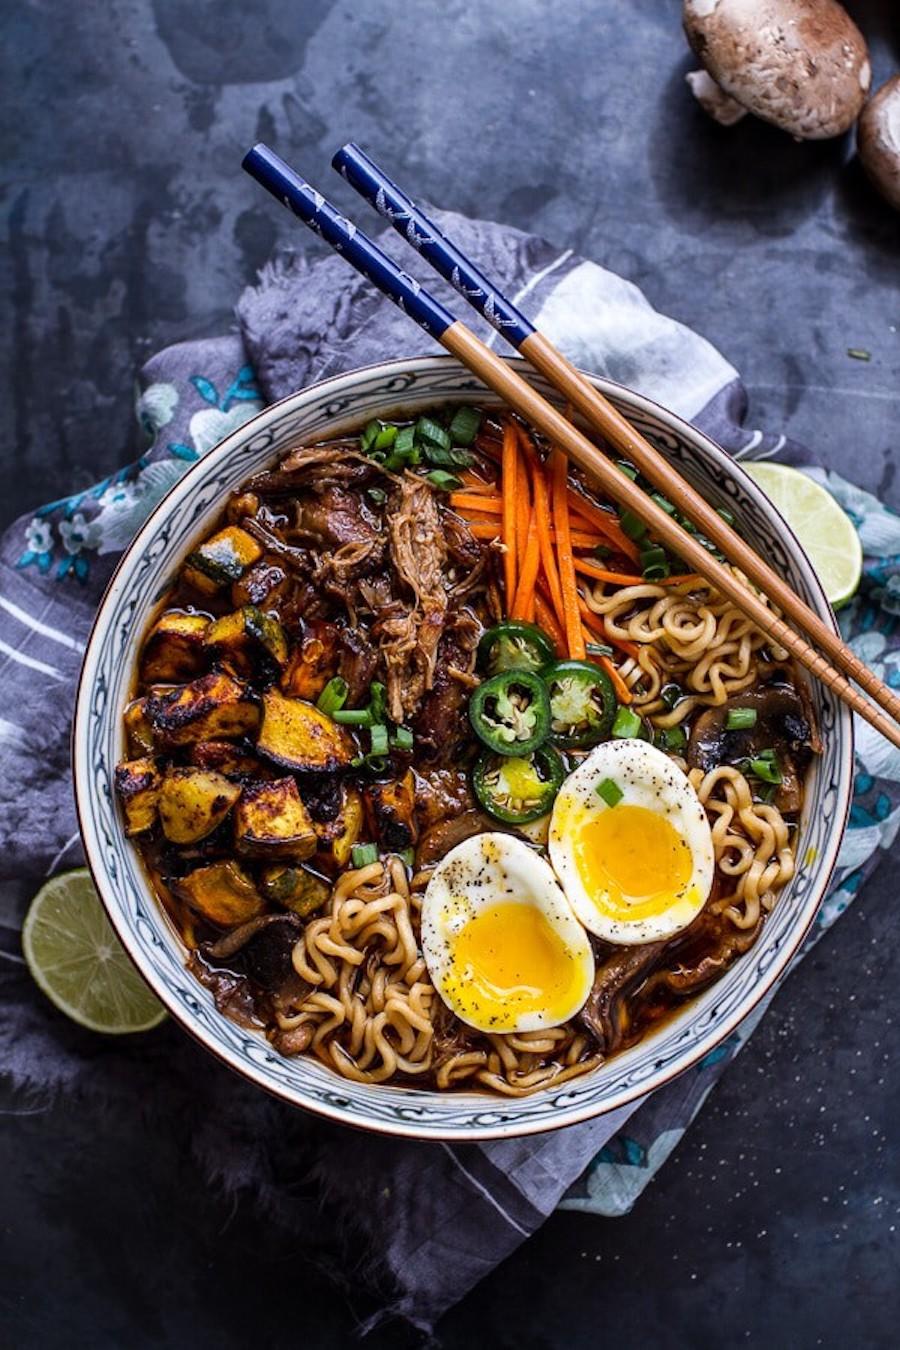 ramen - ramen soep - oosterse soep - aziatische soep